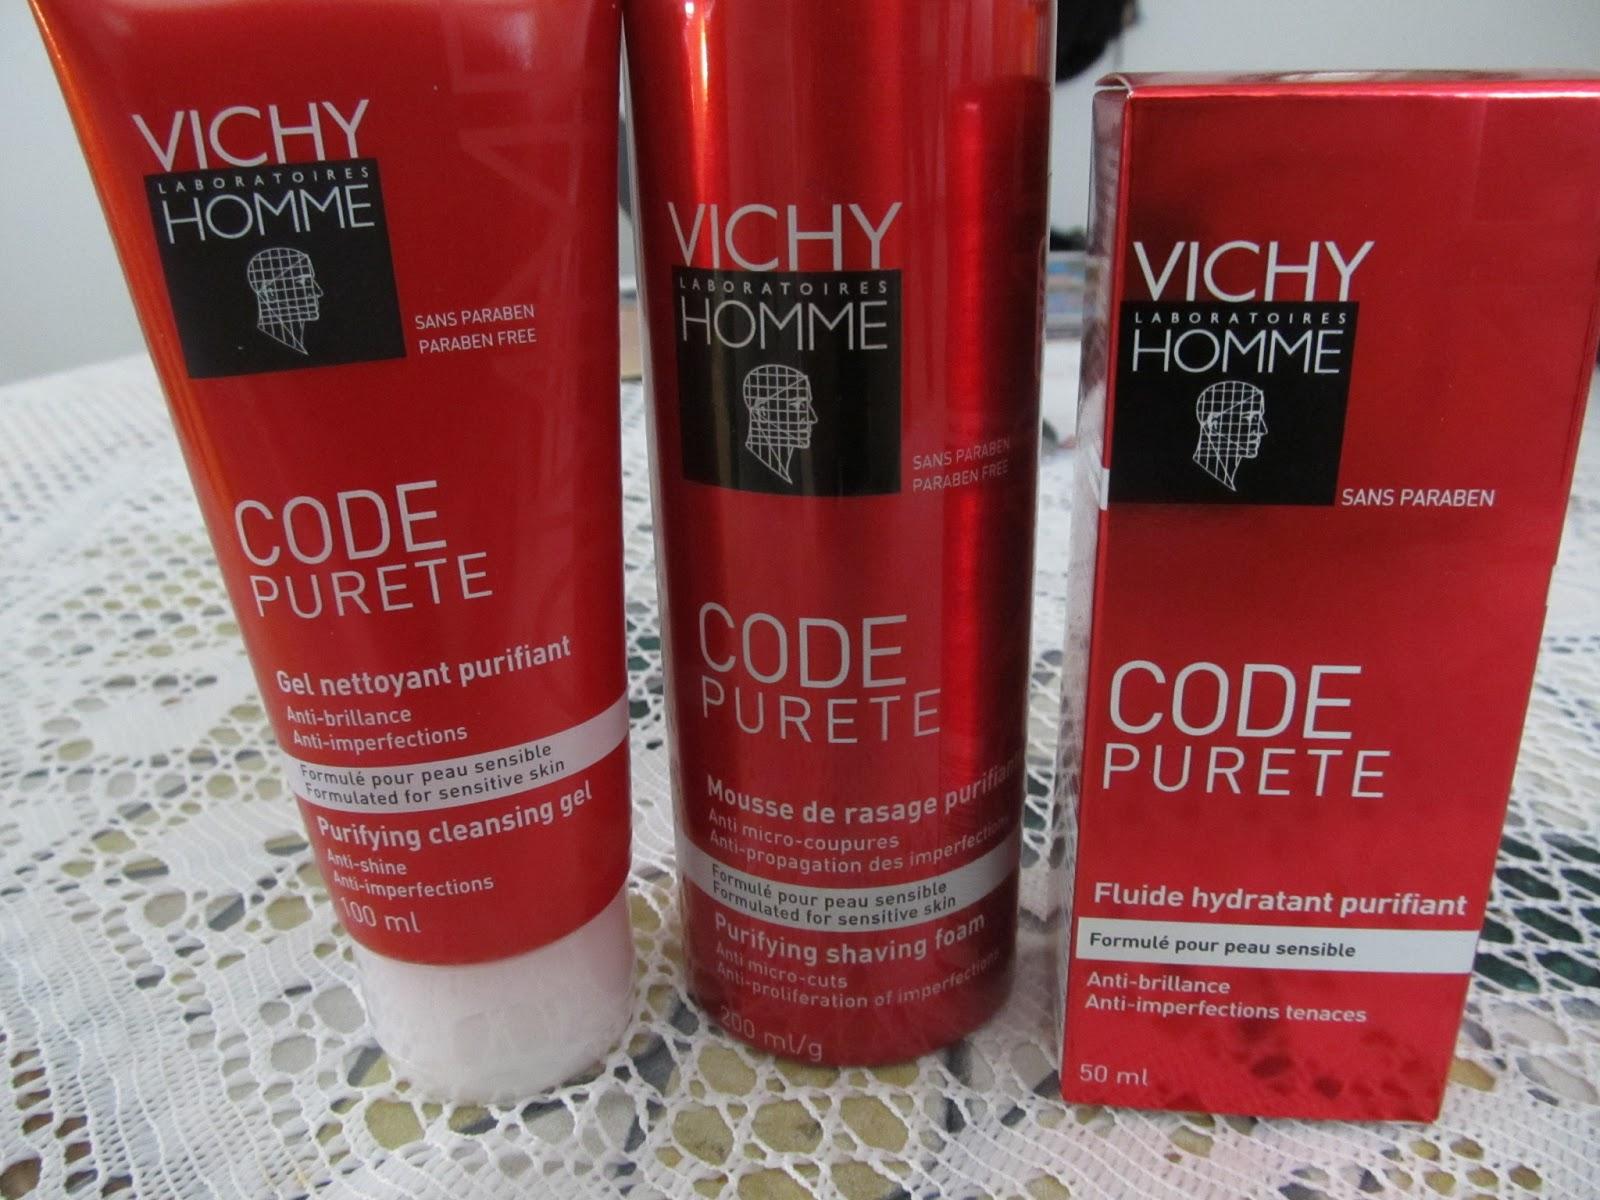 Vichy Code Pureté: Le soin pour les radieux!